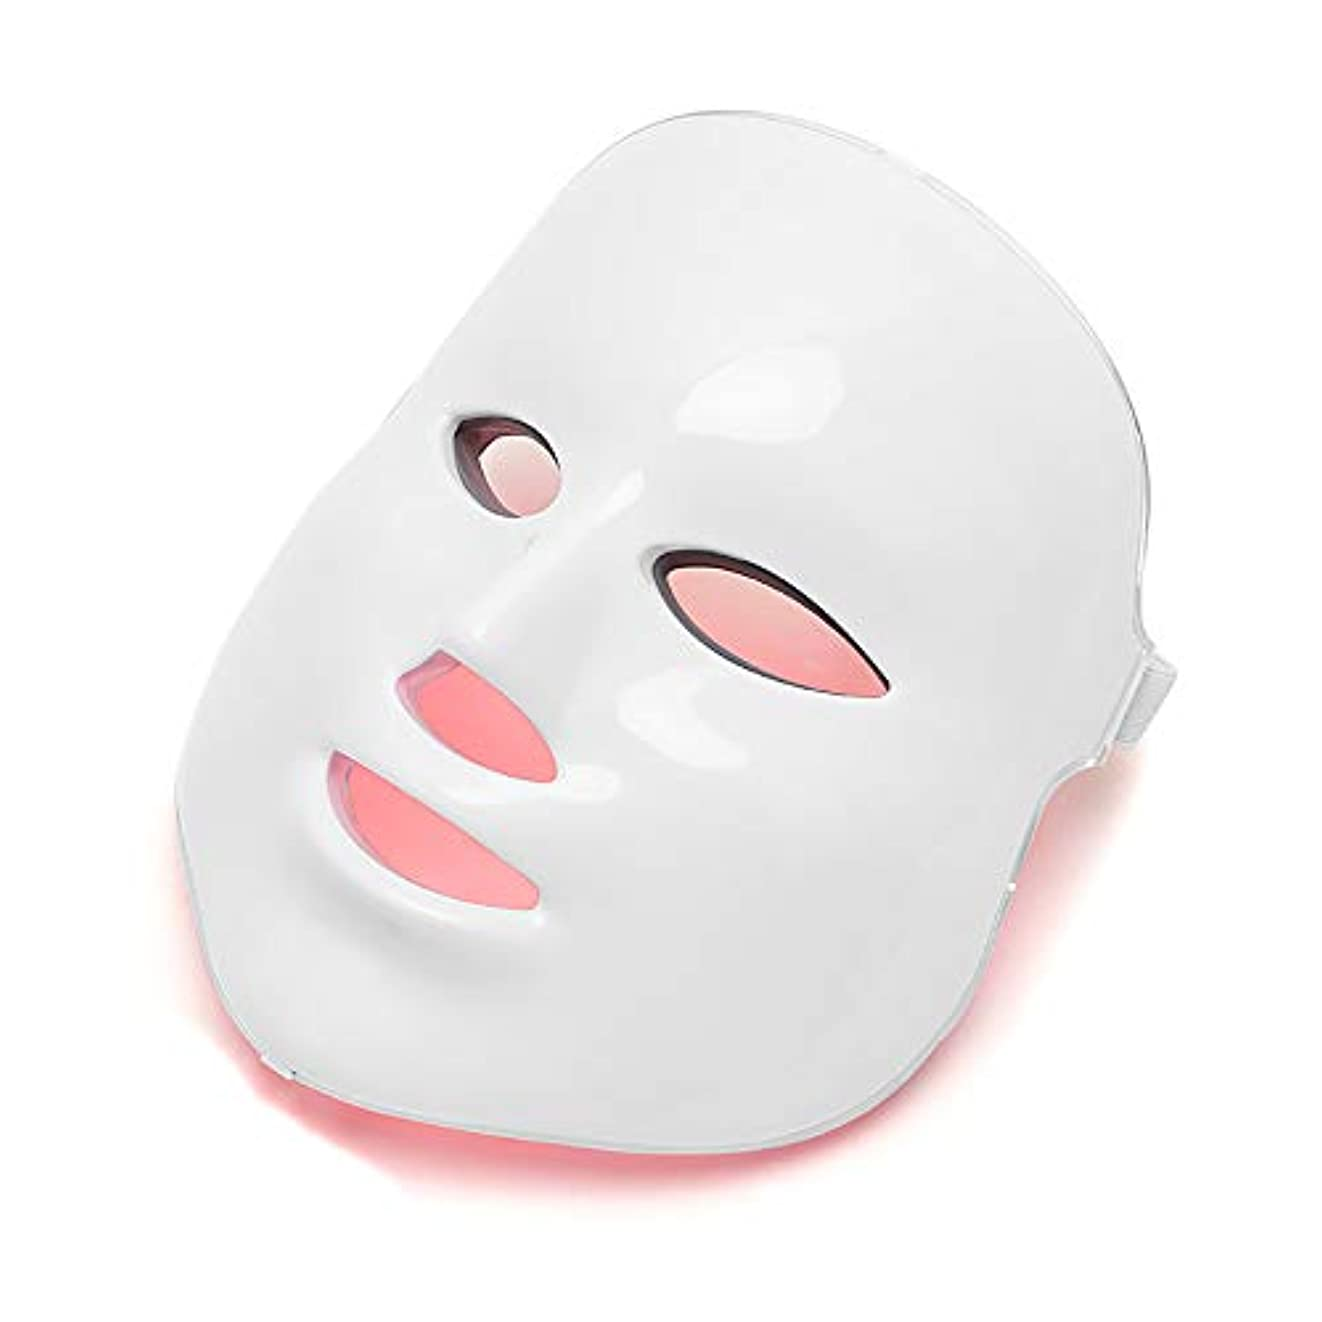 7色の顔のマスクLED顔のマスクLEDの顔のマスクの美は導かれた顔のマスクの美機械を導きました